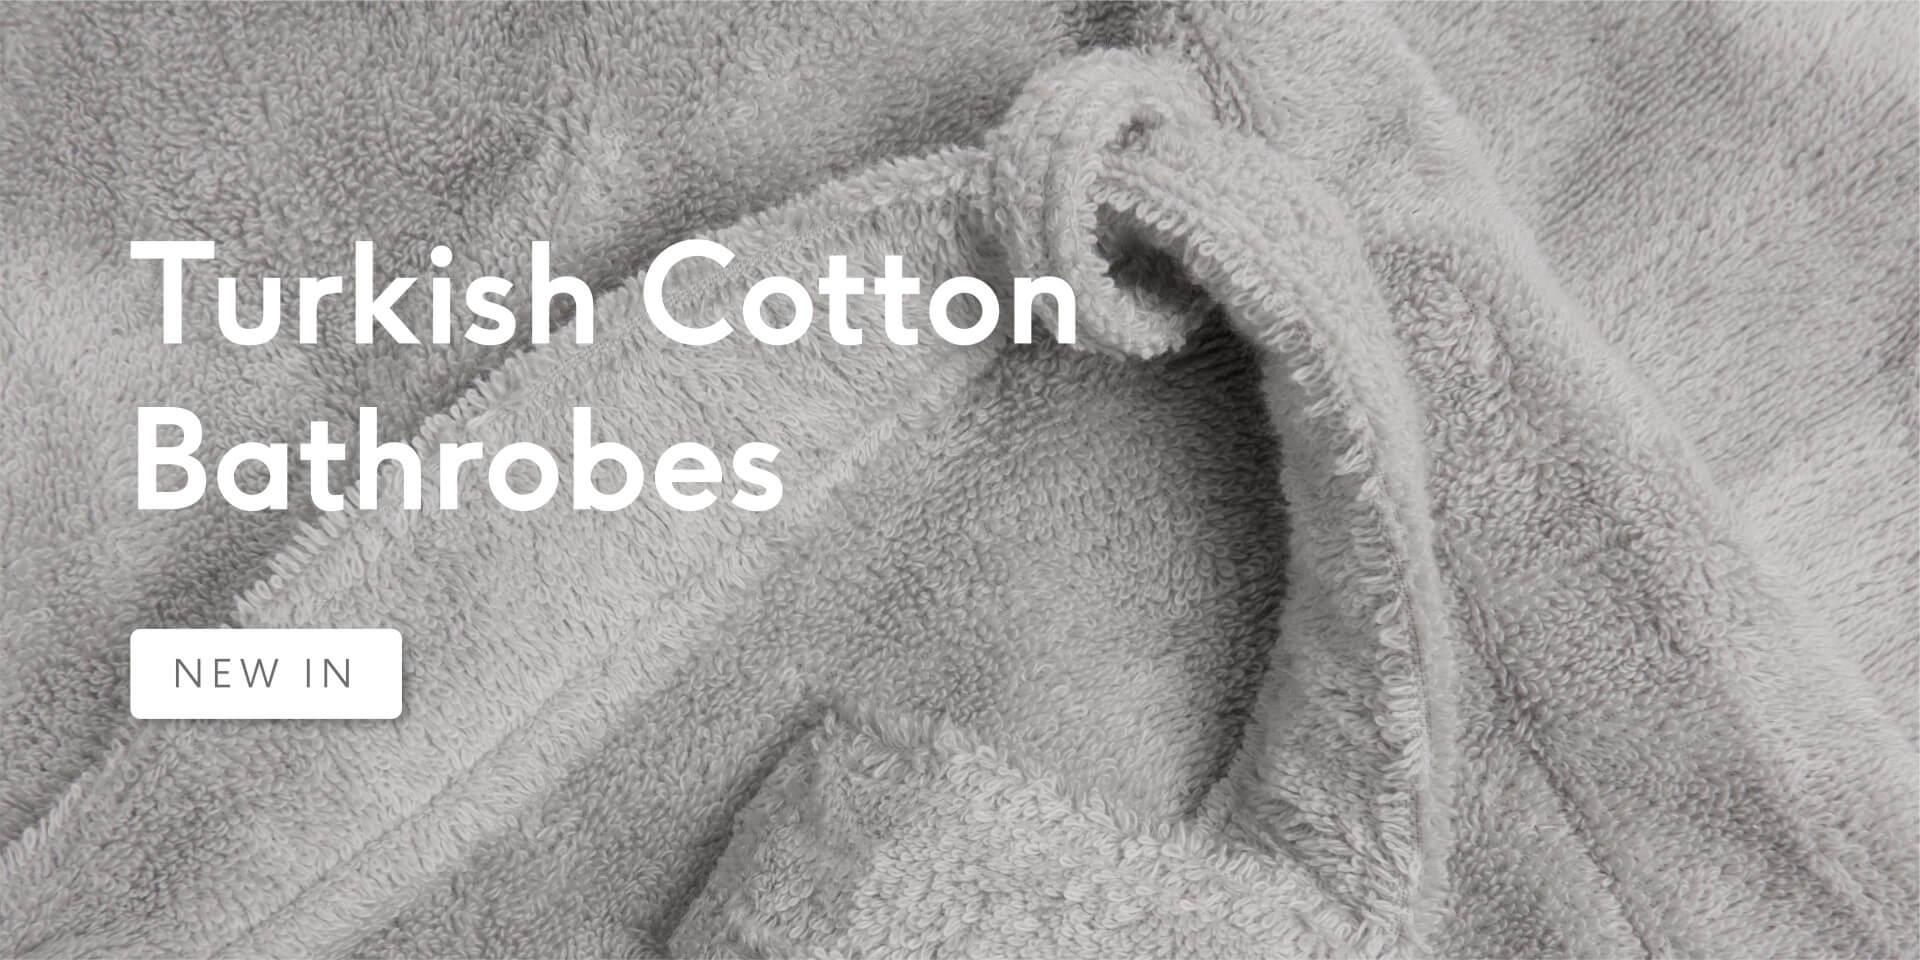 Turkish Cotton Bathrobes - New In